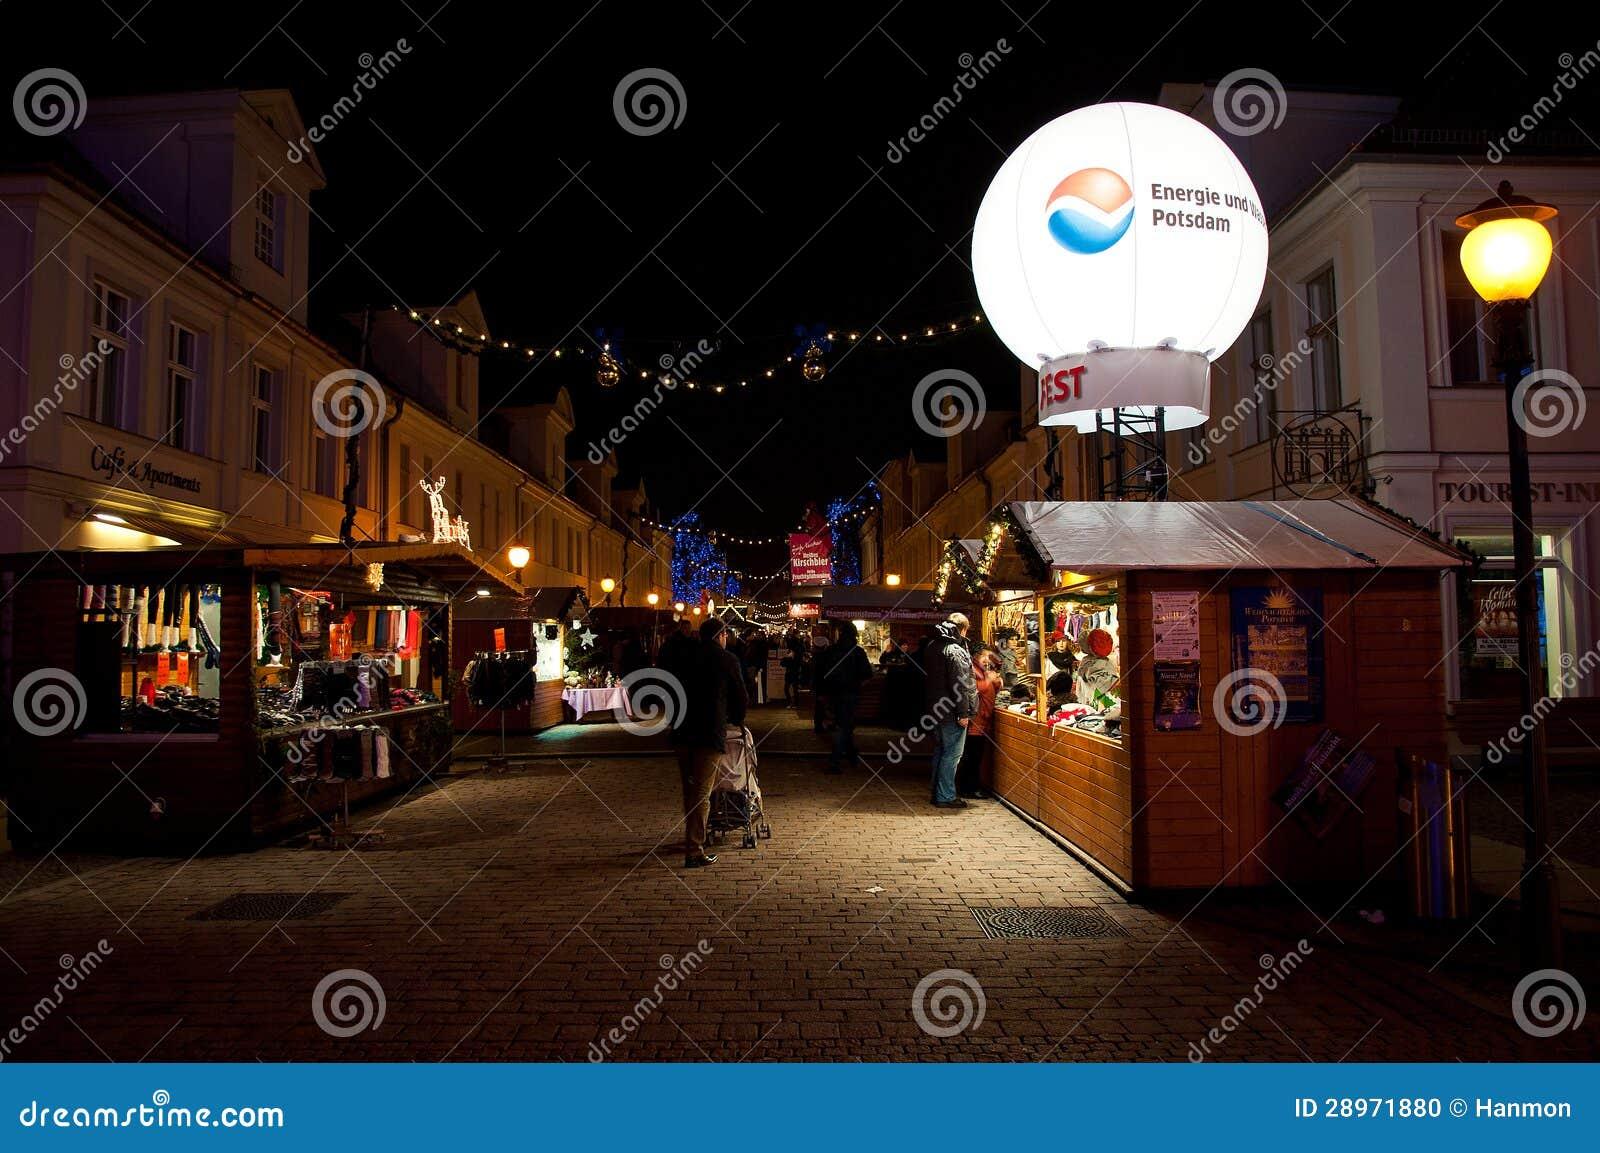 Boże Narodzenie rynek w Potsdam, Niemcy